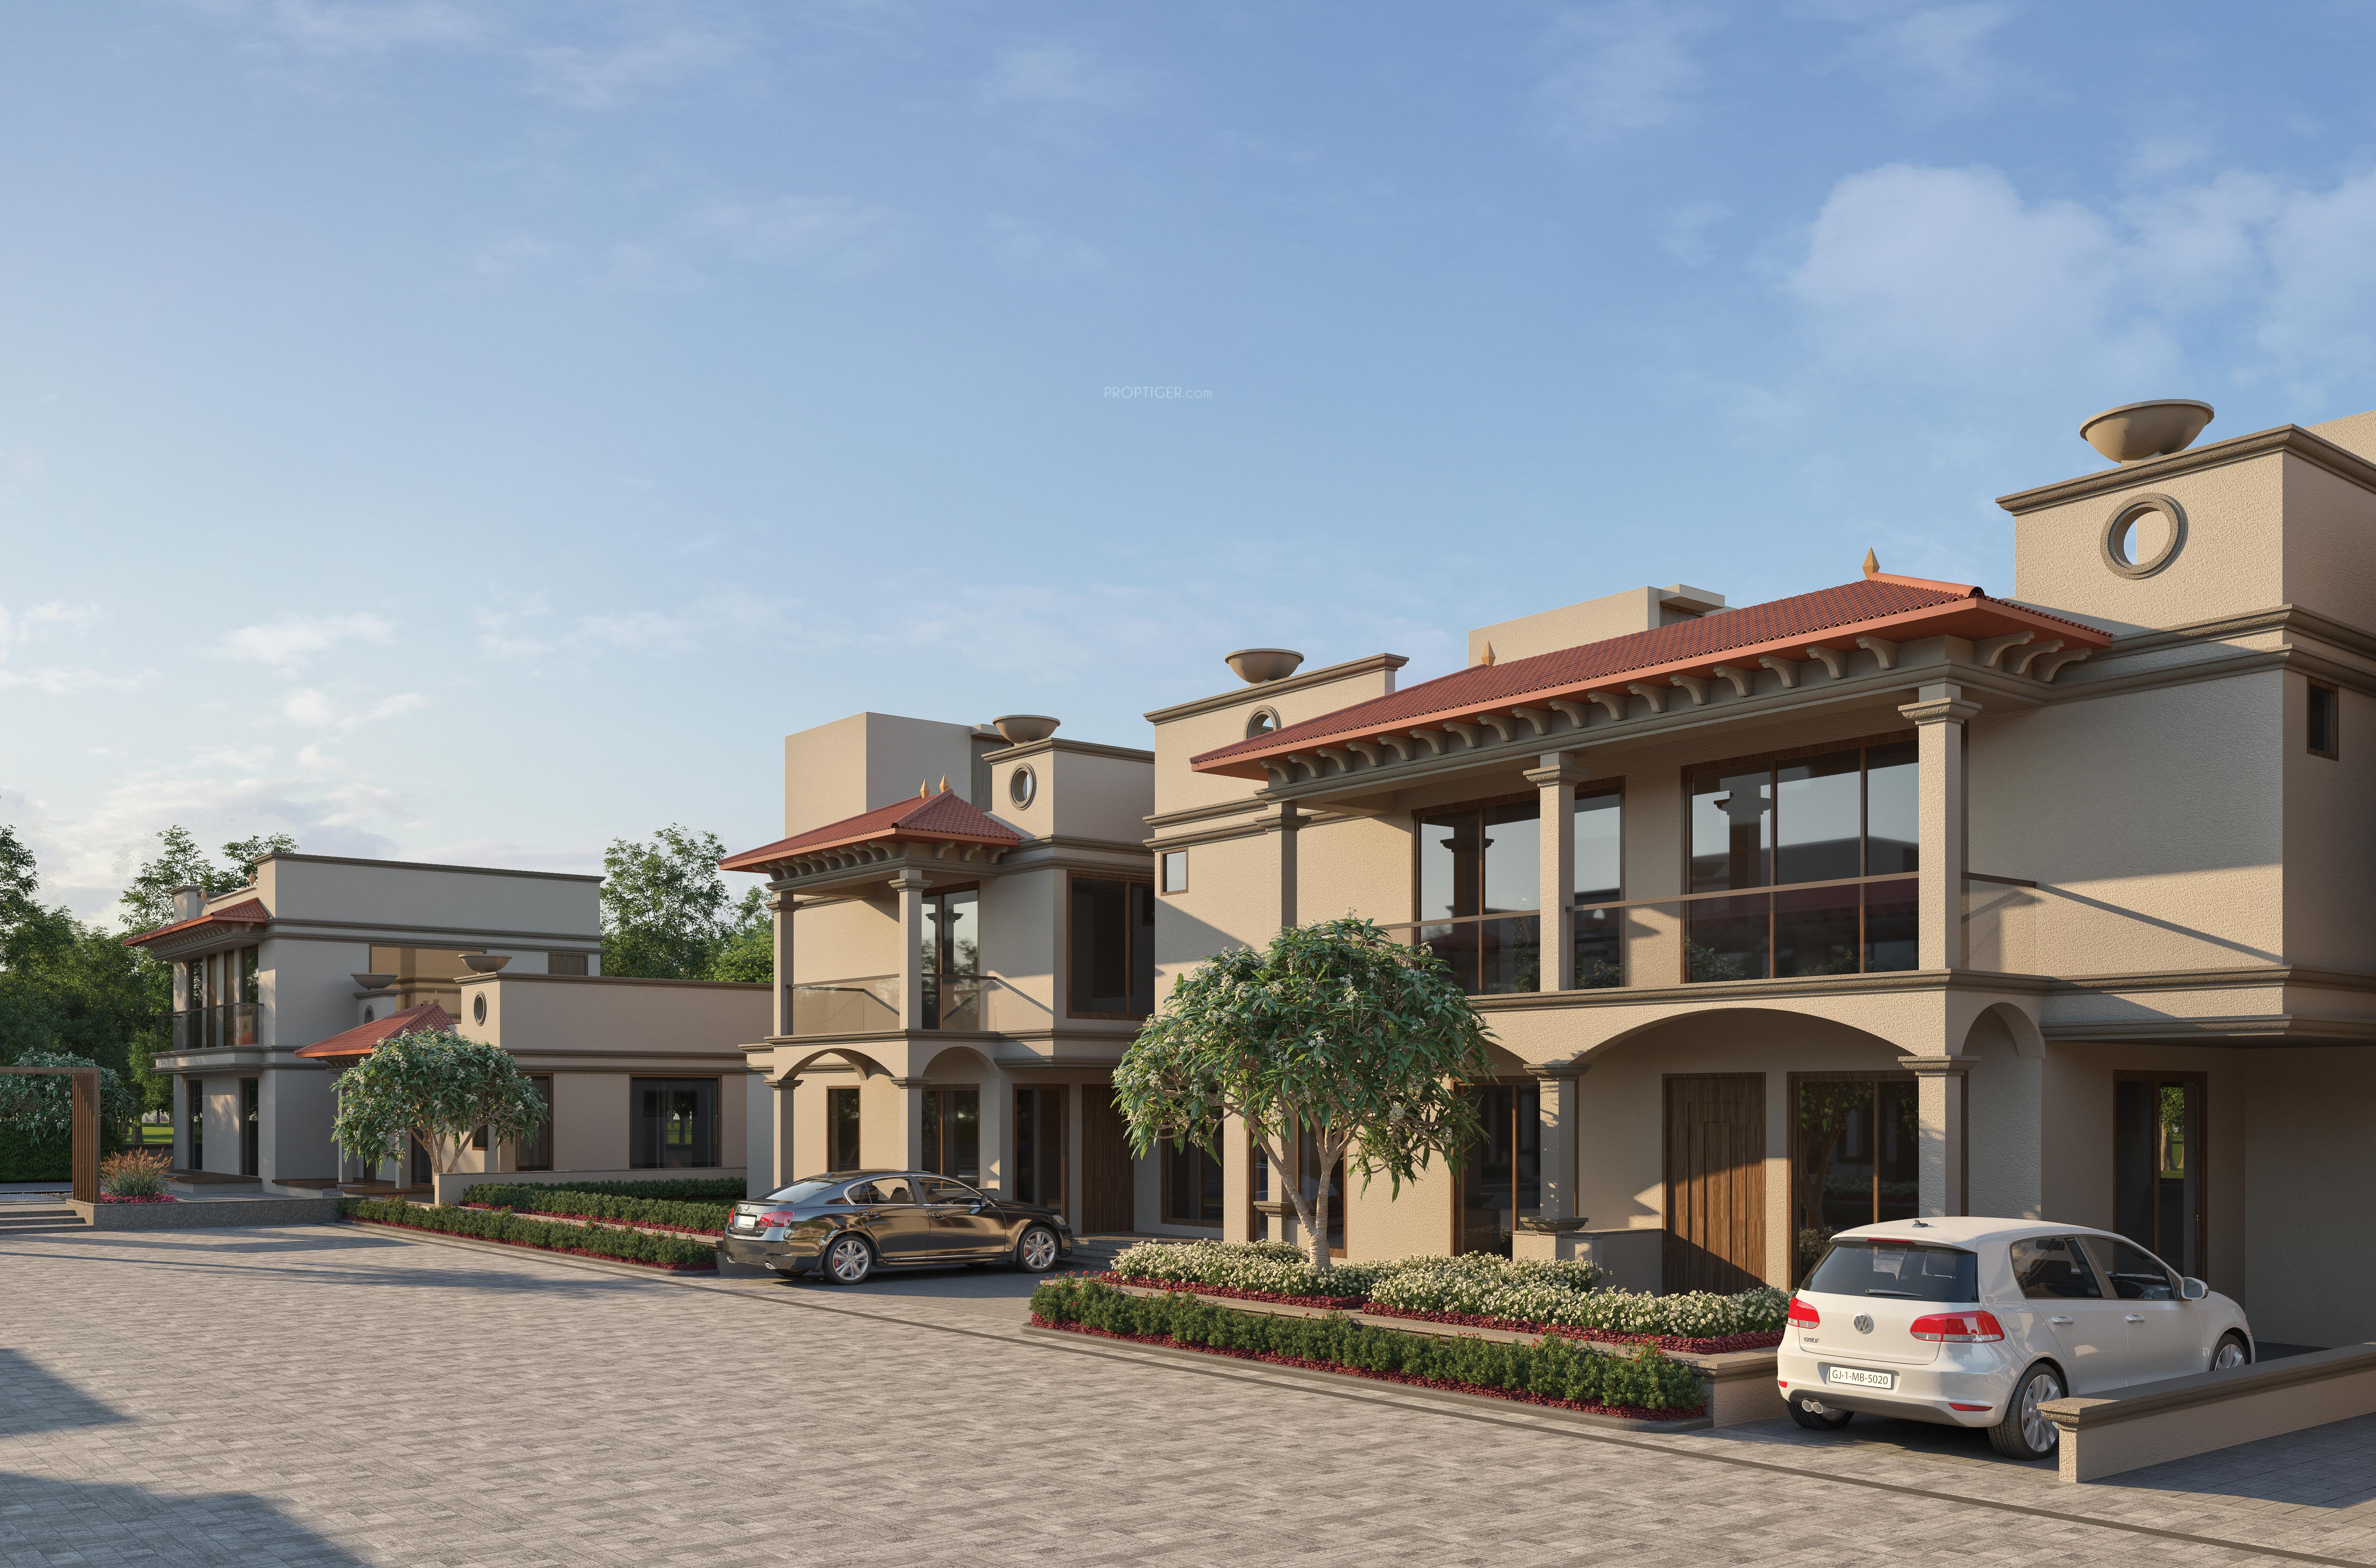 Siddhivinayak bella casa in visalpur ahmedabad price for Casa bella